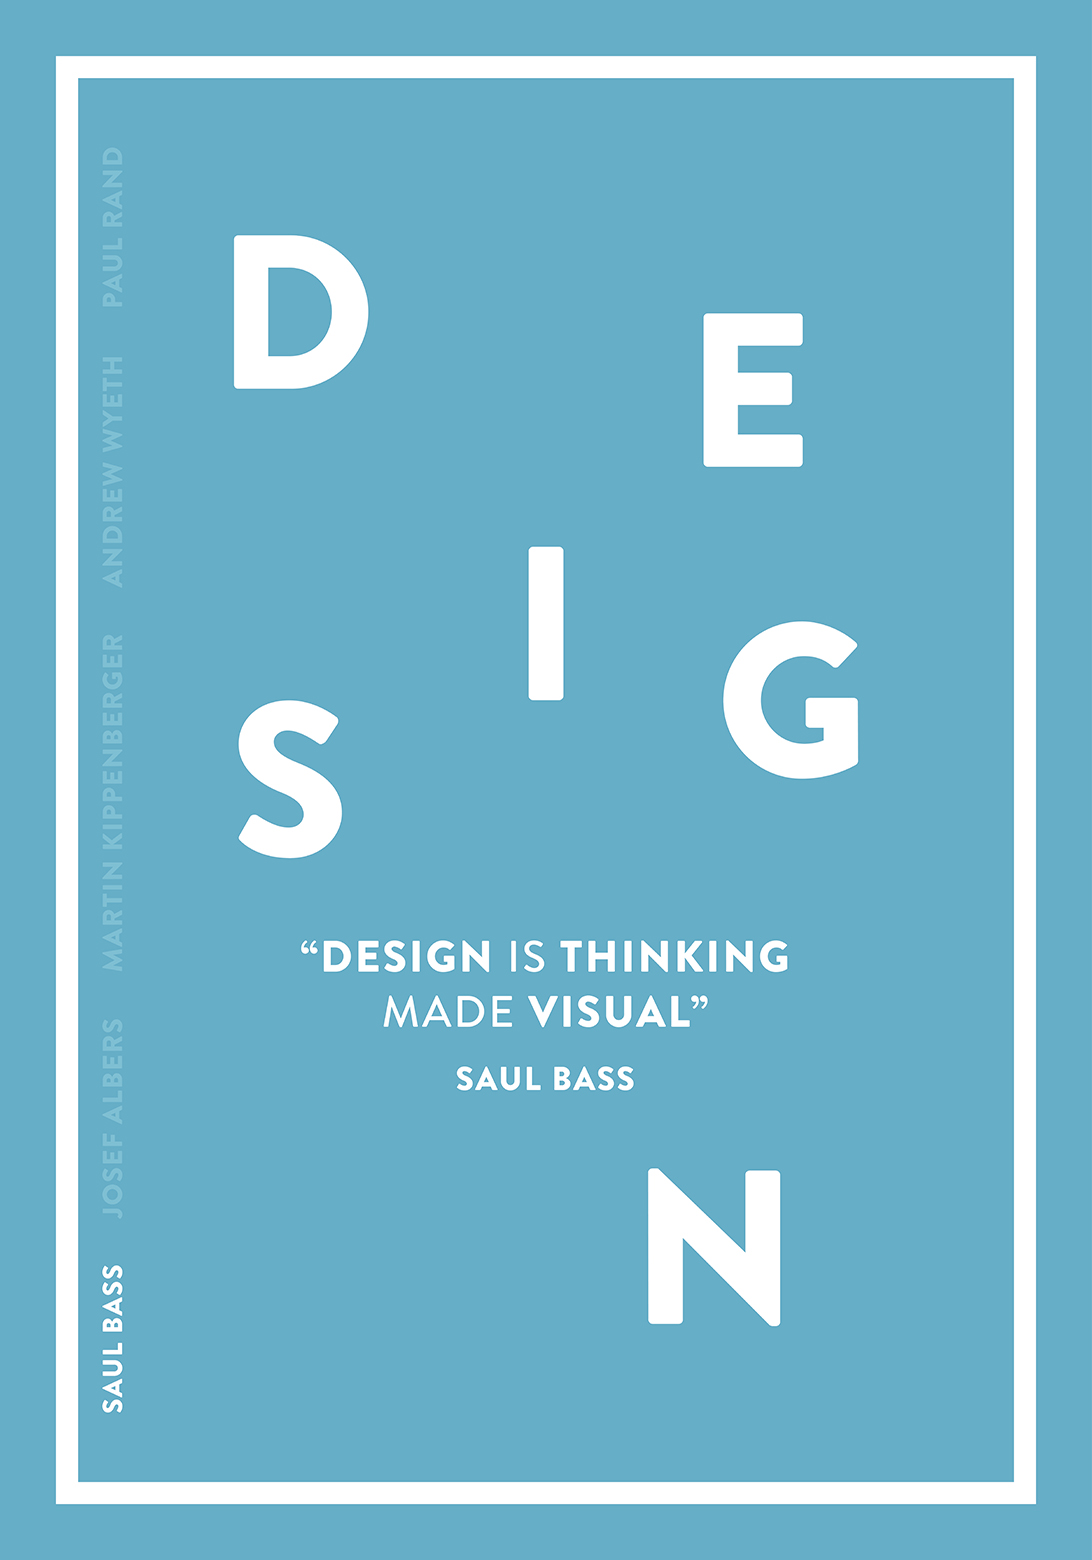 Graphic Design Quotes Paul Rand